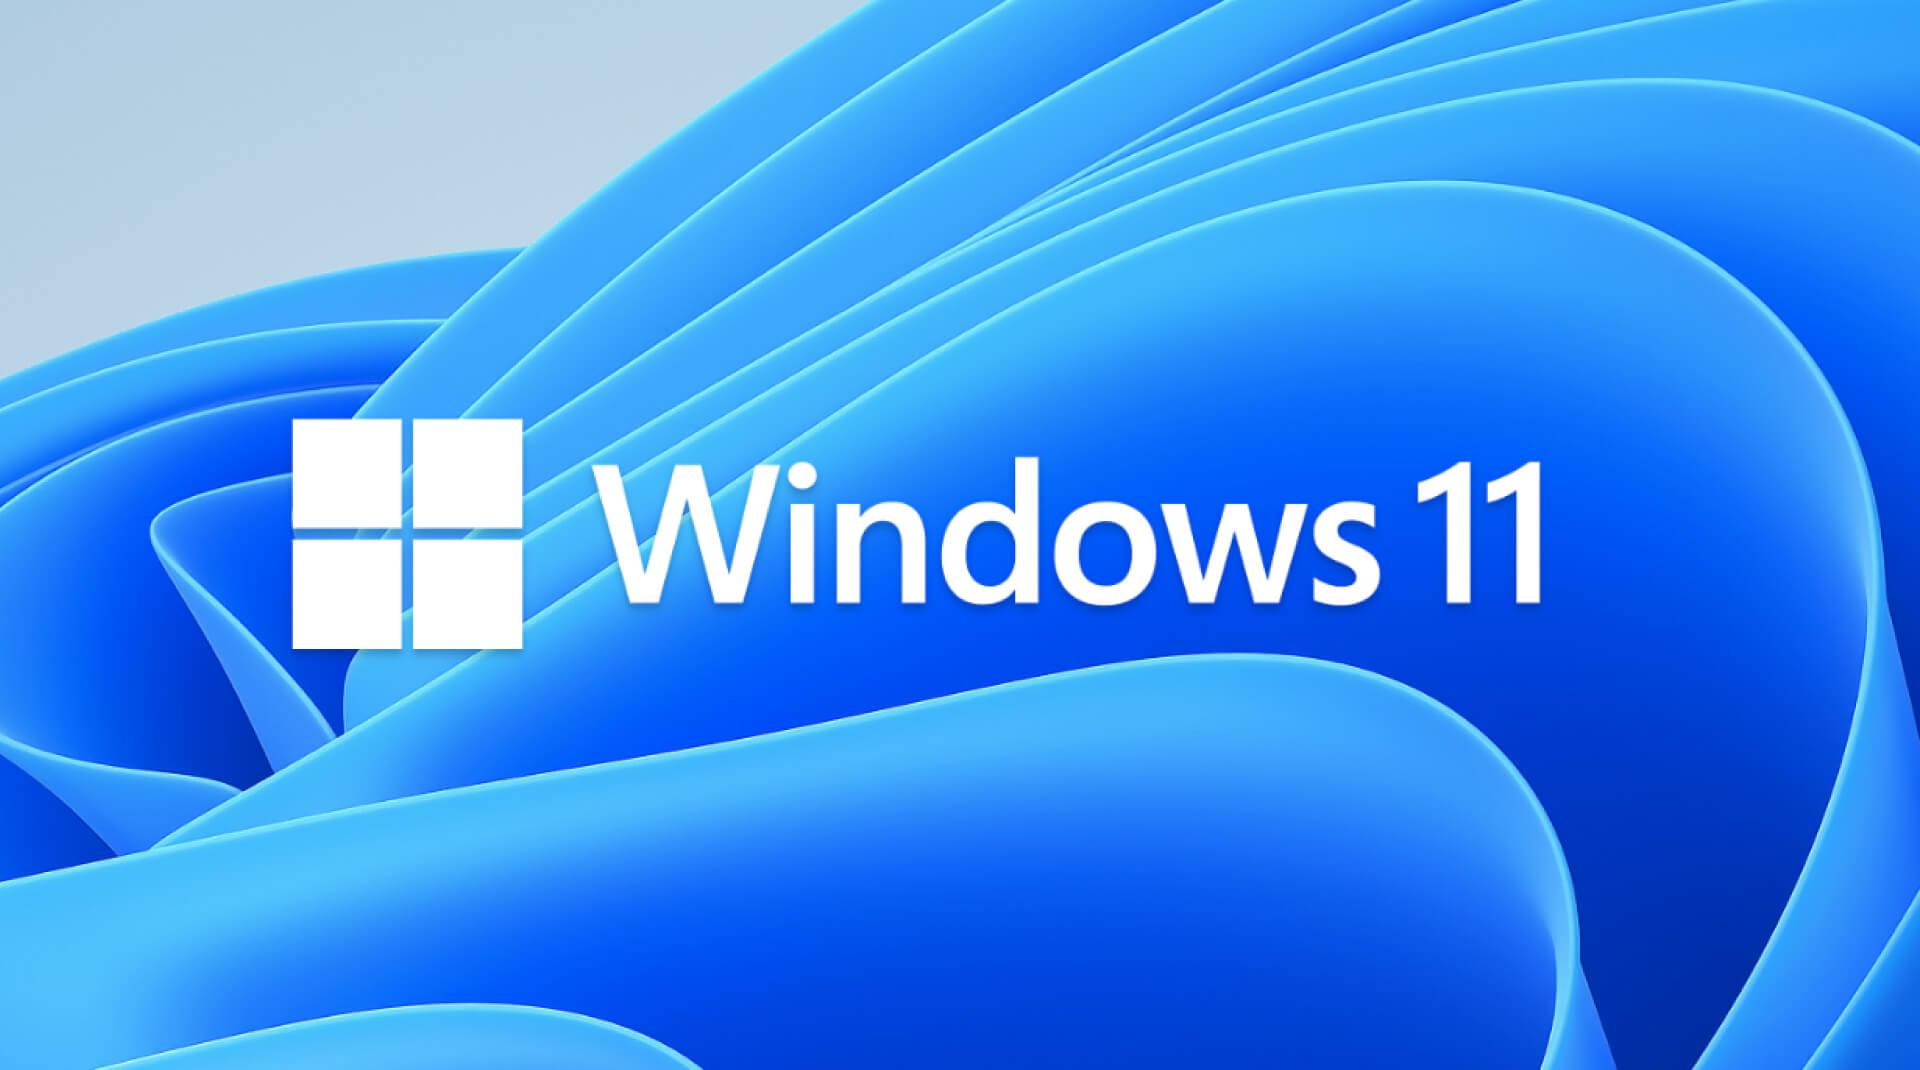 Новая Windows 11: первые оценки специалистов